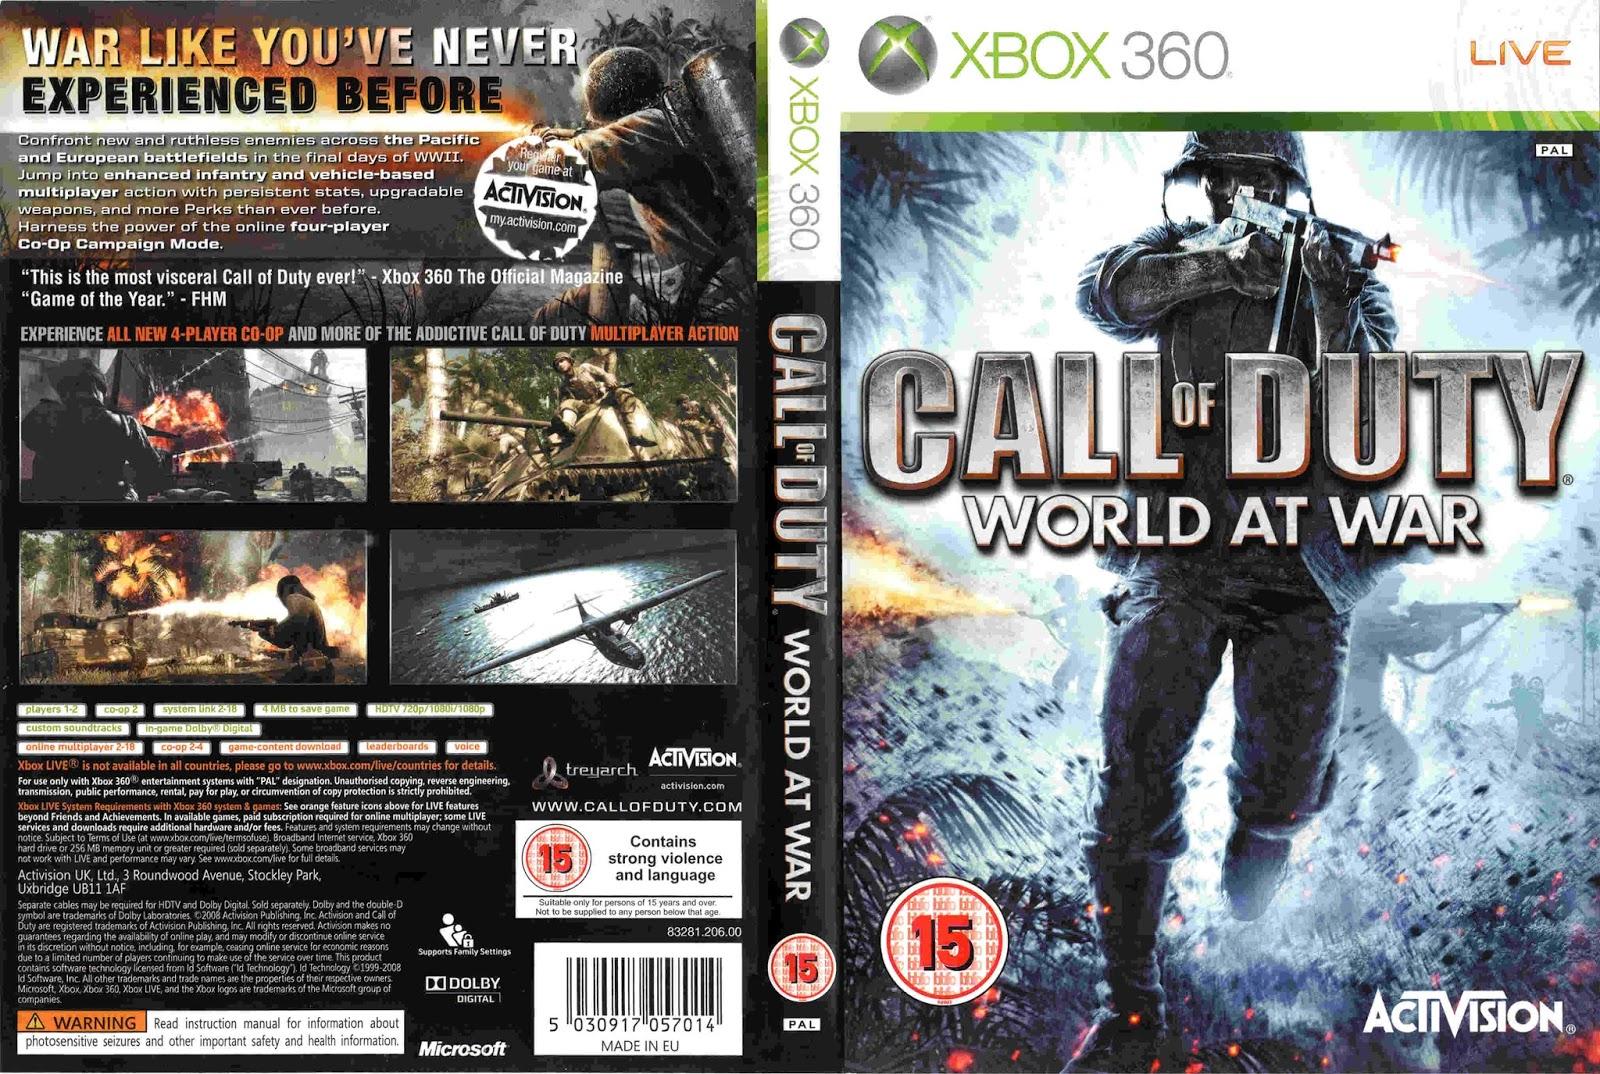 Découvrez toutes les astuces, cheat codes, triches du jeu vidéo Call of Duty : World at War sur Xbox 360 sur GameHope.